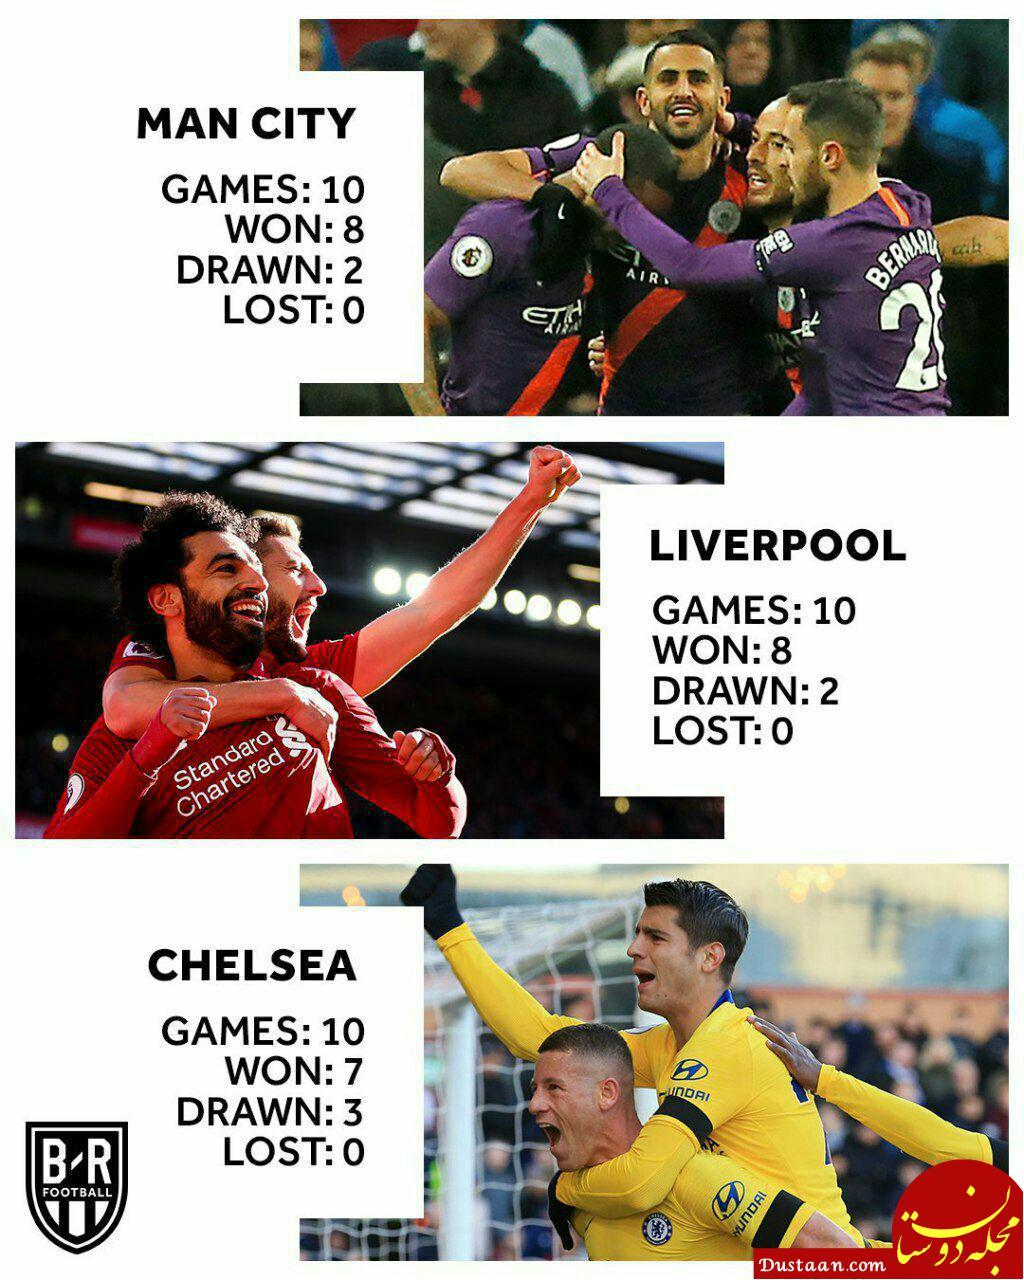 رکورد عجیب در لیگ برتر انگلستان +عکس